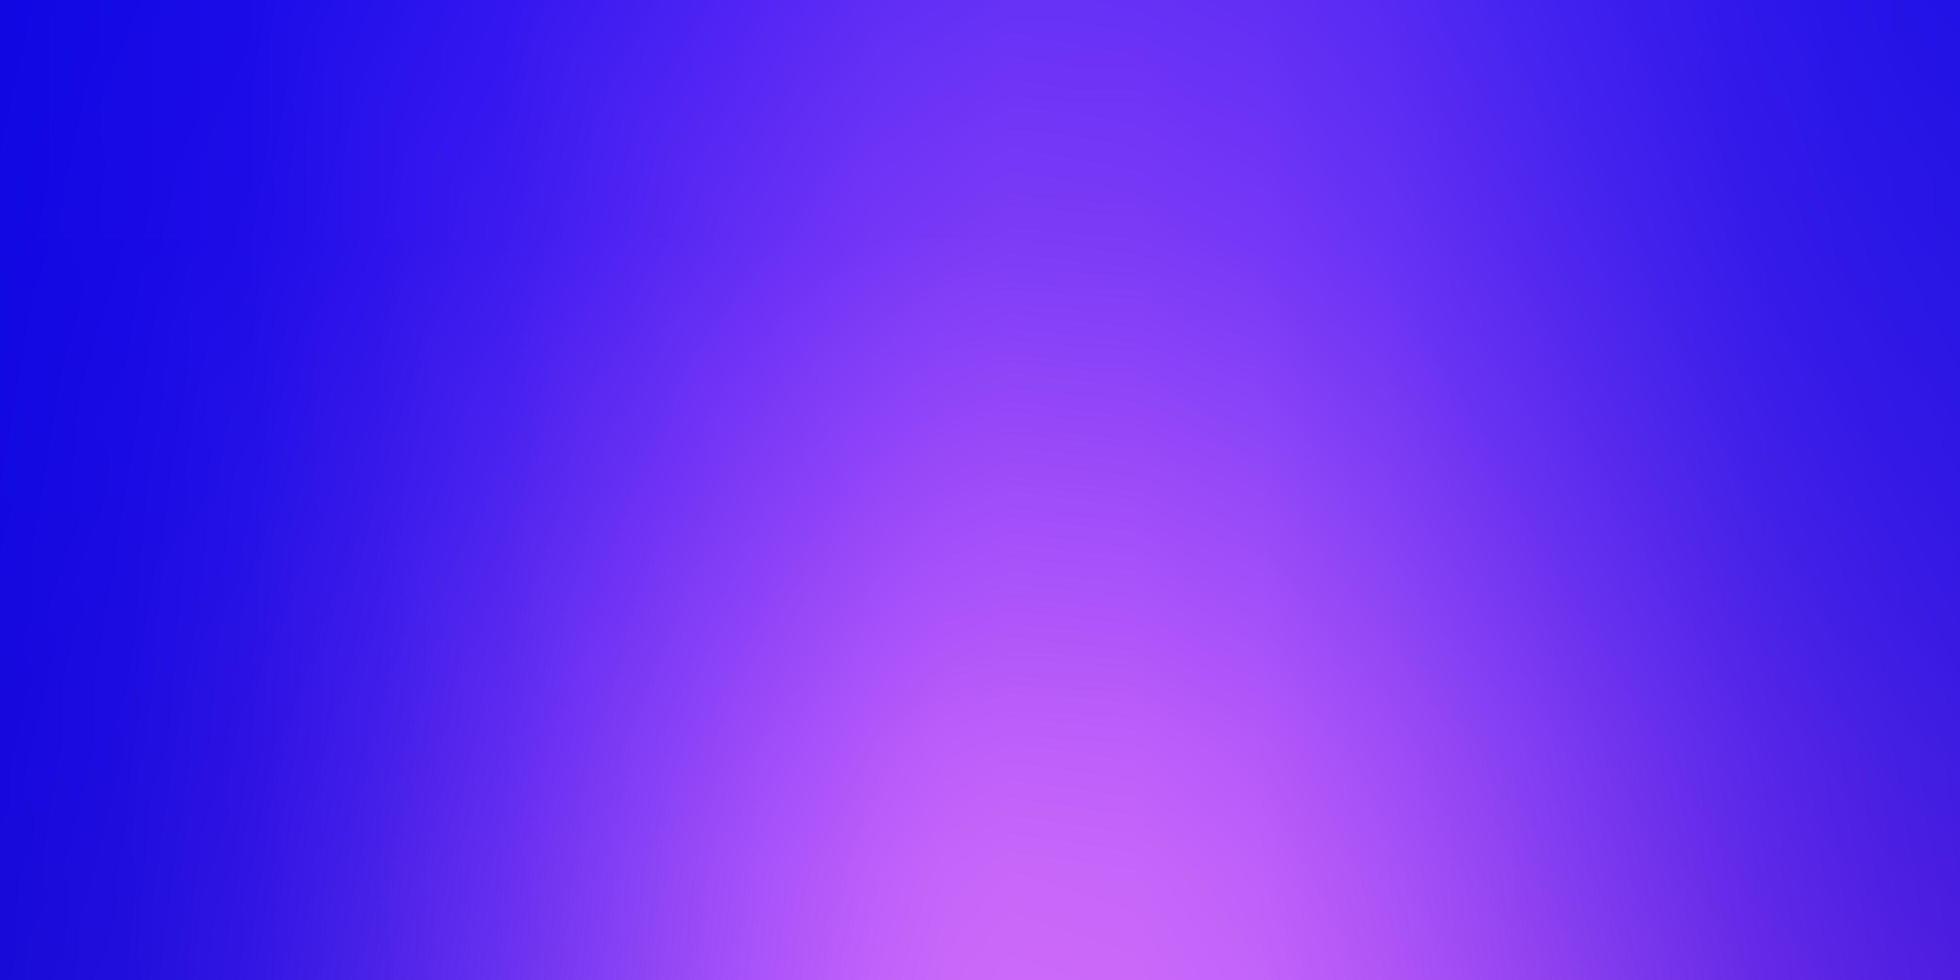 rosa und blau verwischte bunte Textur. vektor